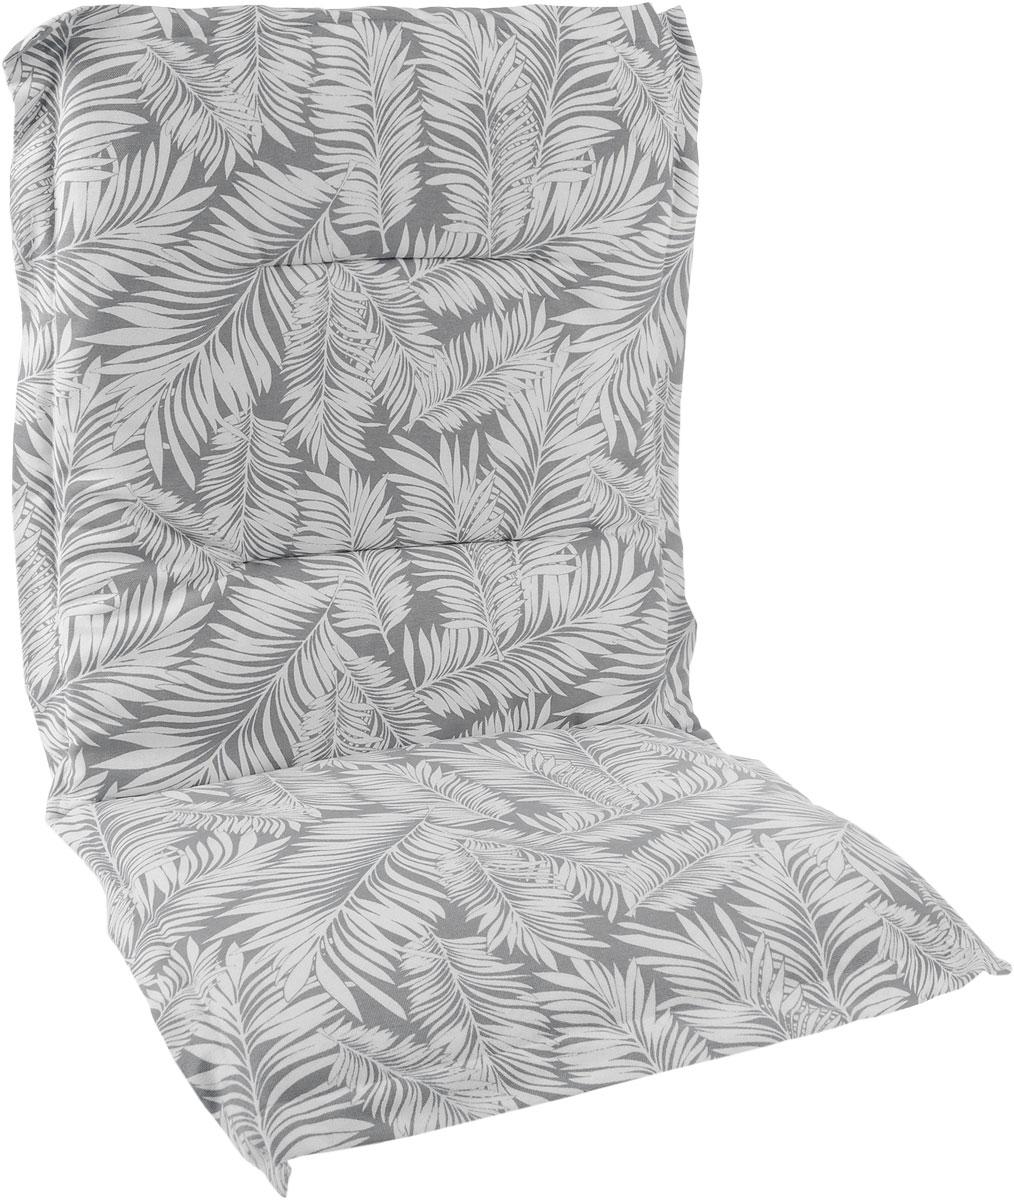 Подушка на стул KauffOrt Пальма, со спинкой, 50 x 100 см5со6872Подушка на стул KauffOrt Пальма не только красиво дополнит интерьер кухни, но и обеспечит комфорт при сидении. Чехол выполнен из поликоттона (хлопок и полиэстер) и украшен принтом. Внутри - мягкий наполнитель из поролона. Подушка легко крепится на стул с помощью завязок и резинки. Правильно сидеть - значит сохранить здоровье на долгие годы. Жесткие сидения подвергают наше здоровье опасности. Подушка с мягким наполнителем поможет предотвратить многие беды, которыми грозит сидячий образ жизни.